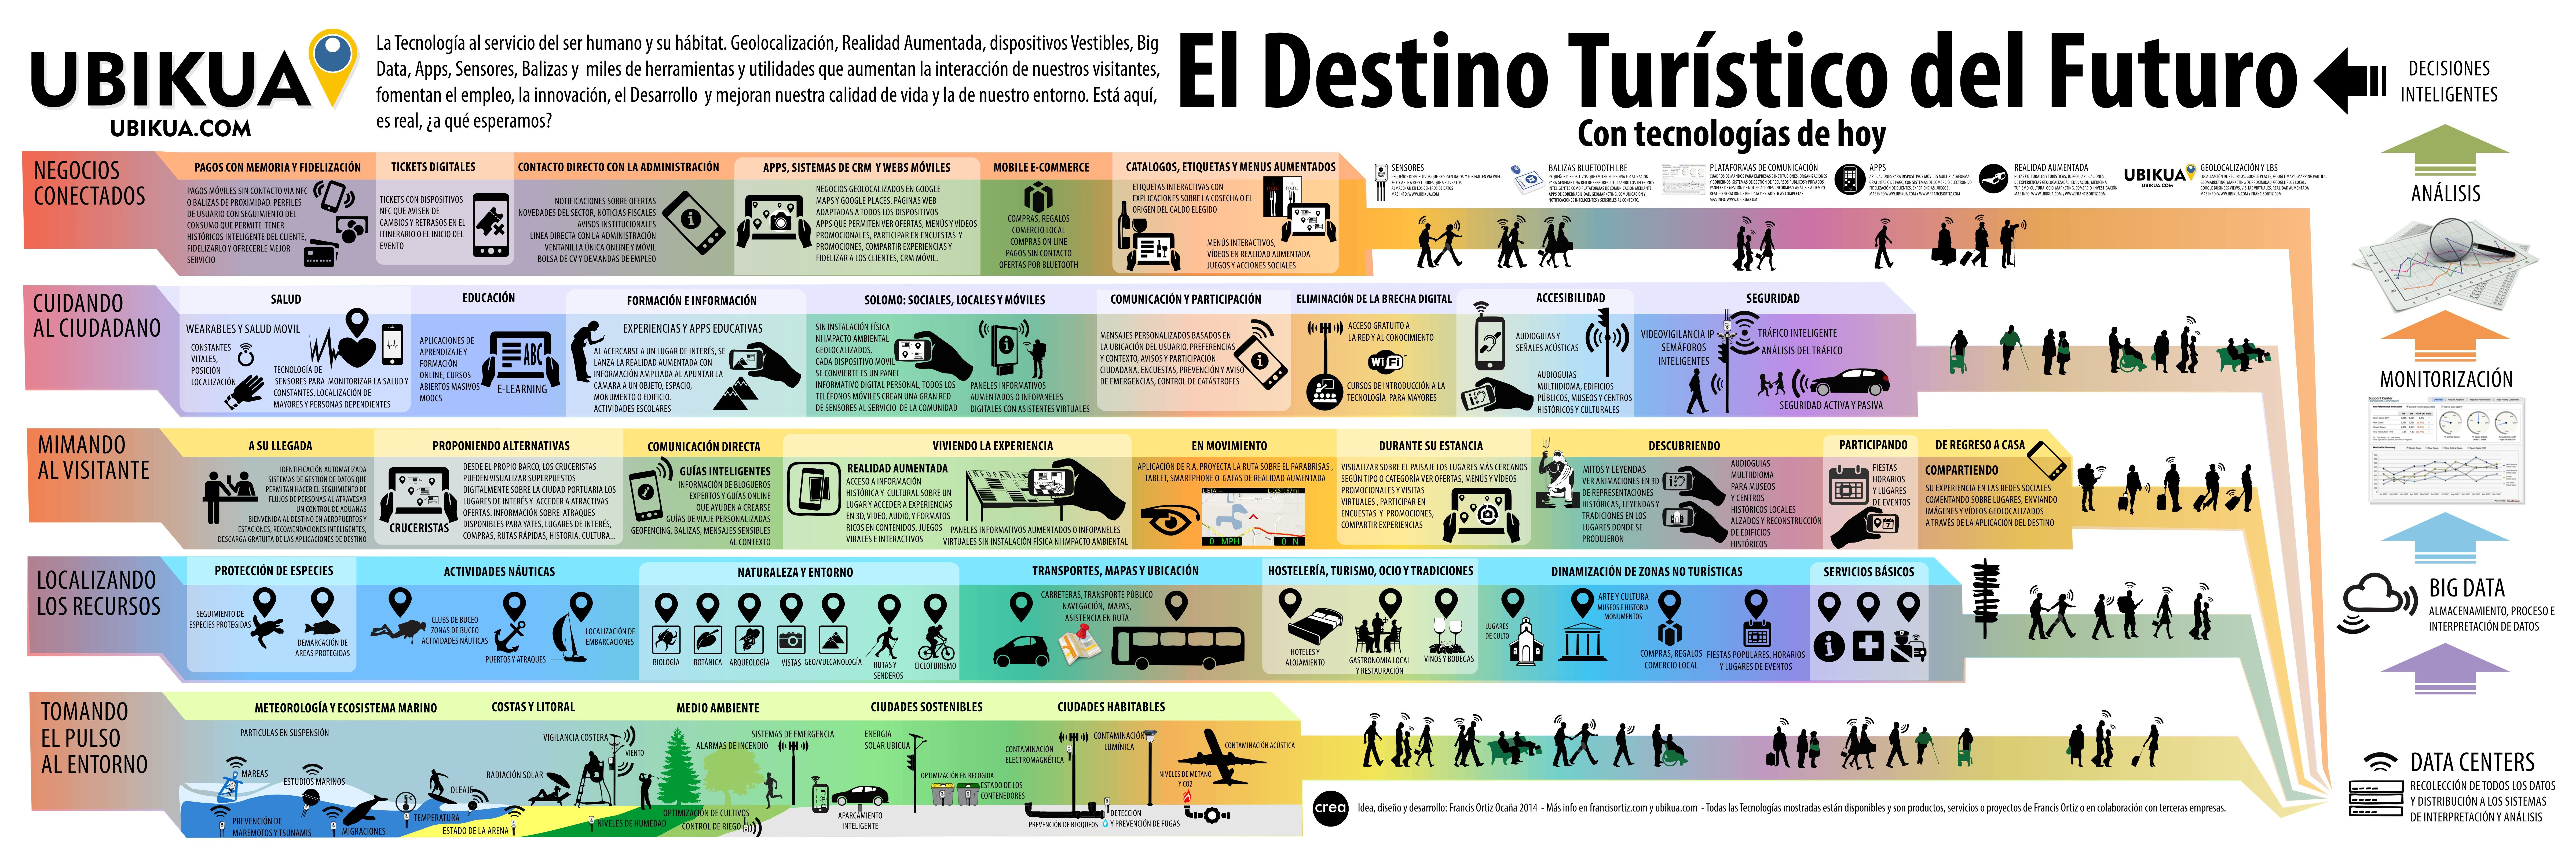 Francis-Ortiz-El-Destino-Turistico-del-Futuro-v2